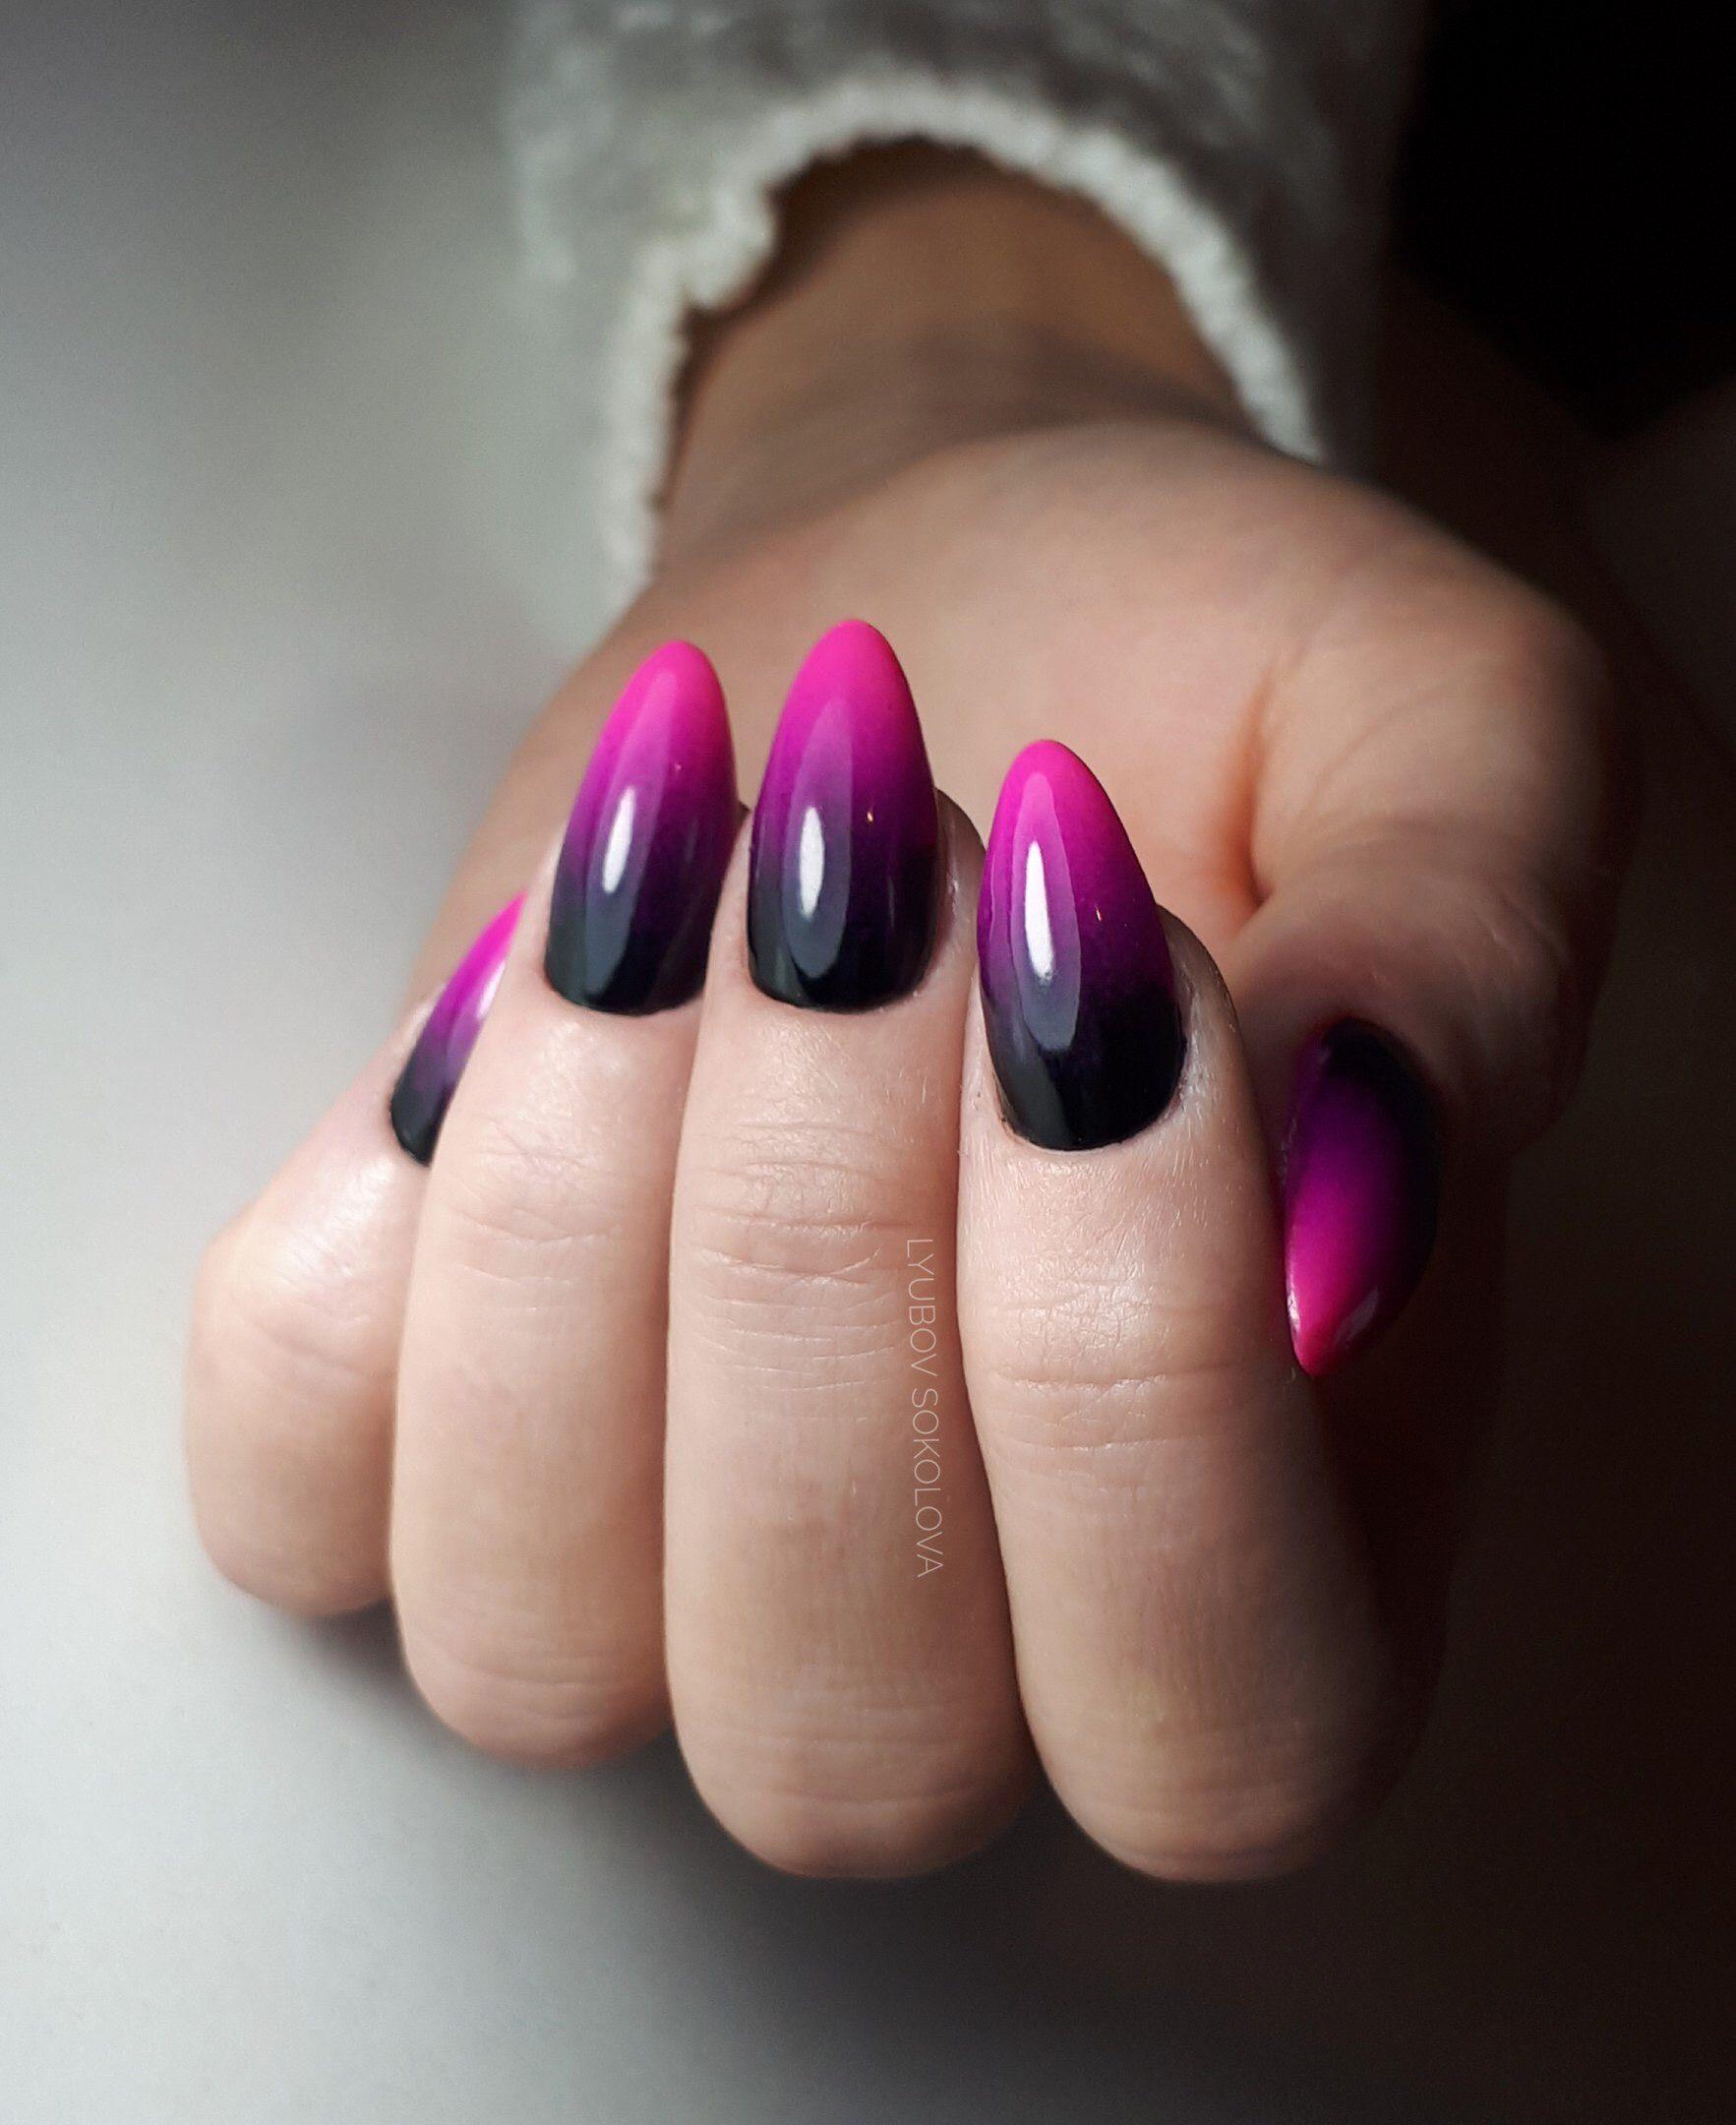 Pin By Monika Pivovarnikova On Nails Manik Pink Black Nails Fashion Nails Pink Nails